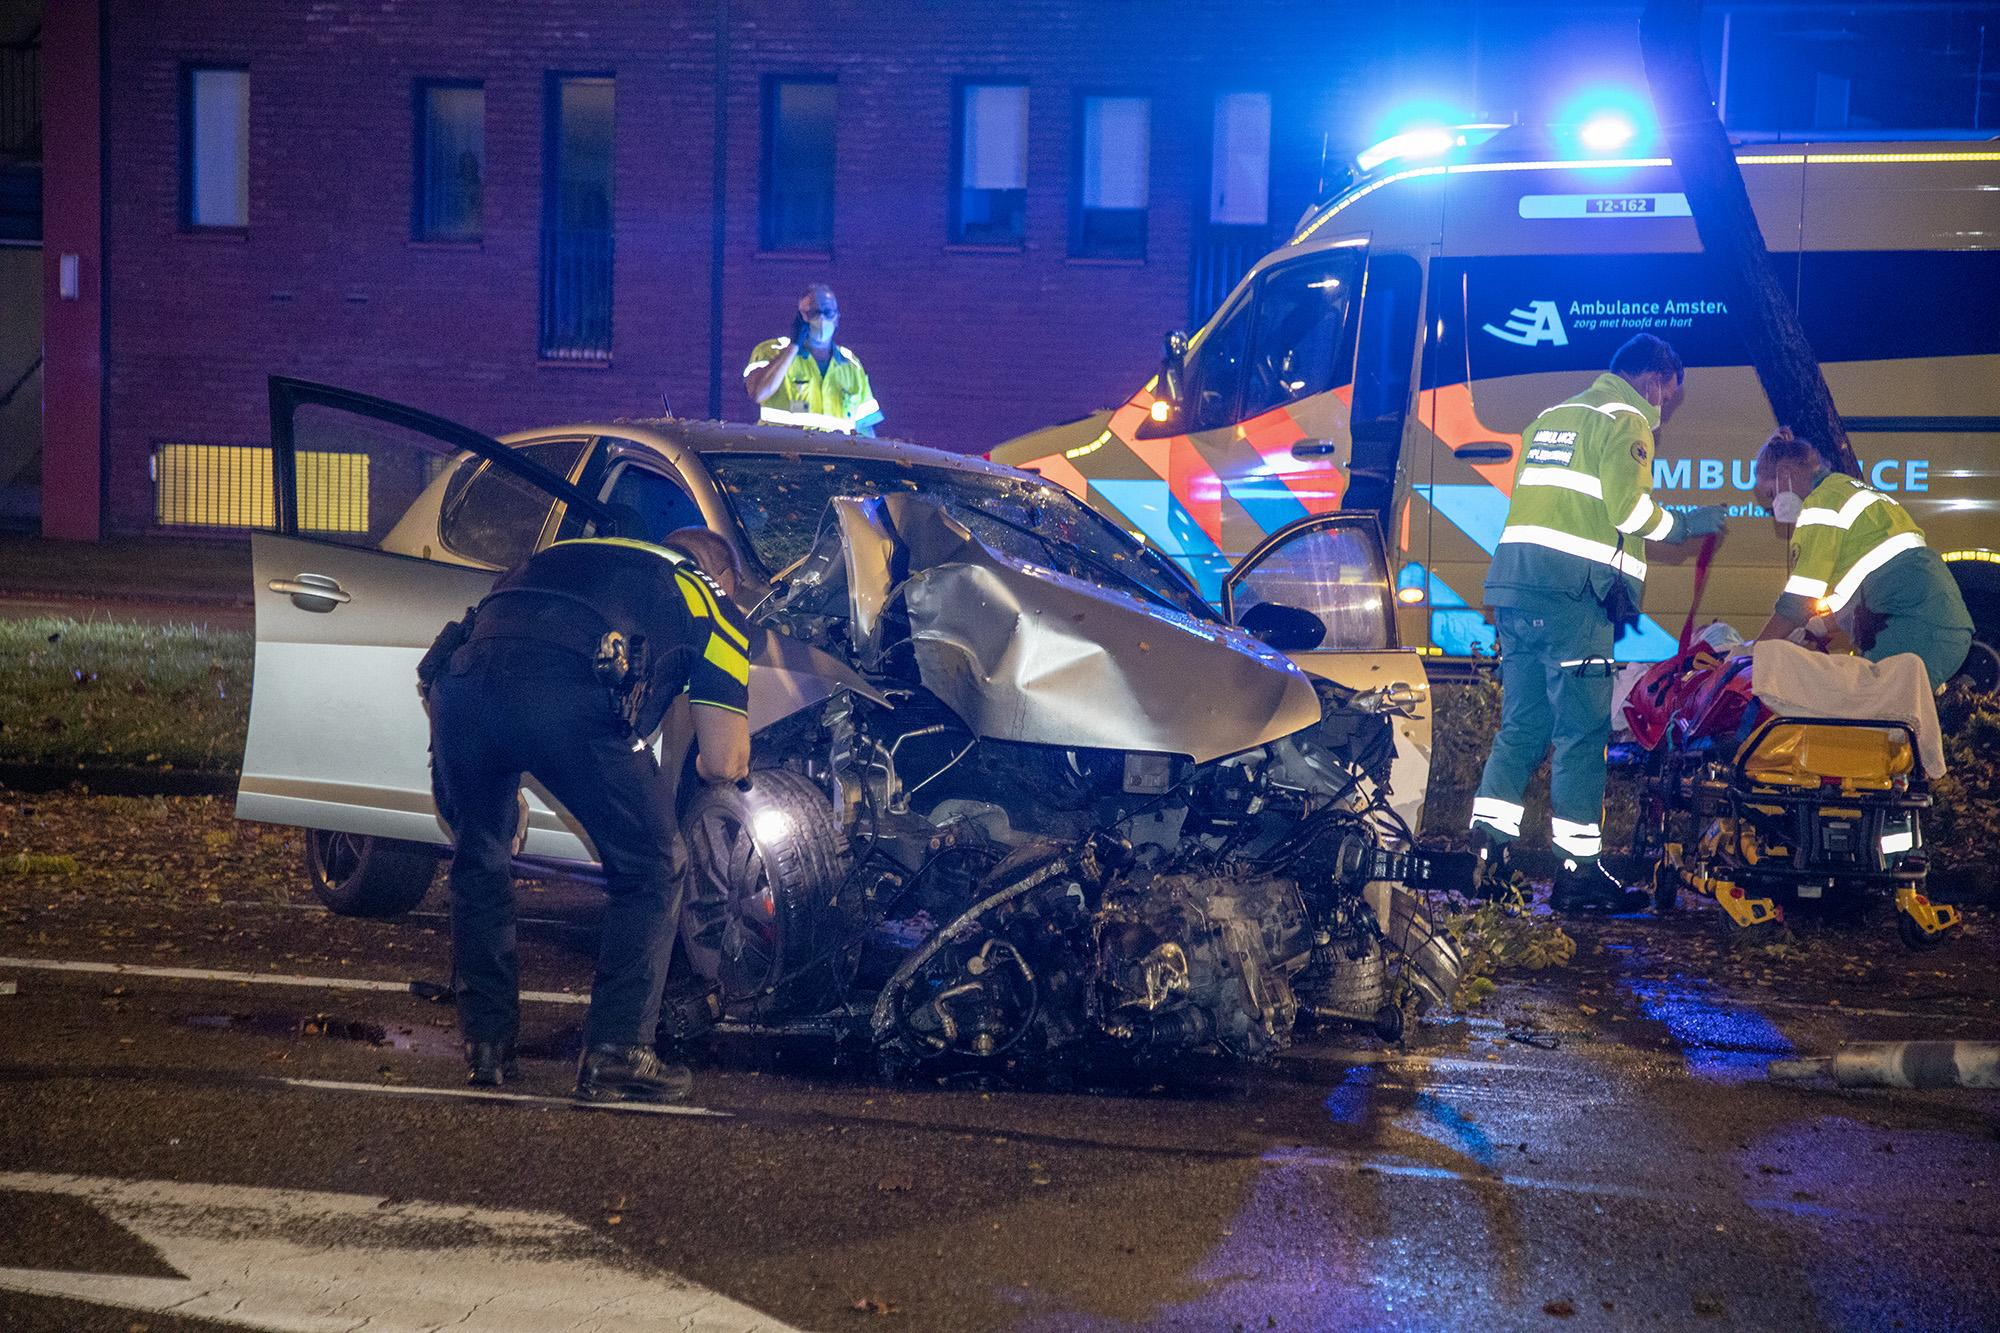 Twee gewonden bij zwaar ongeluk in Heemstede, politie vindt lachgas tank